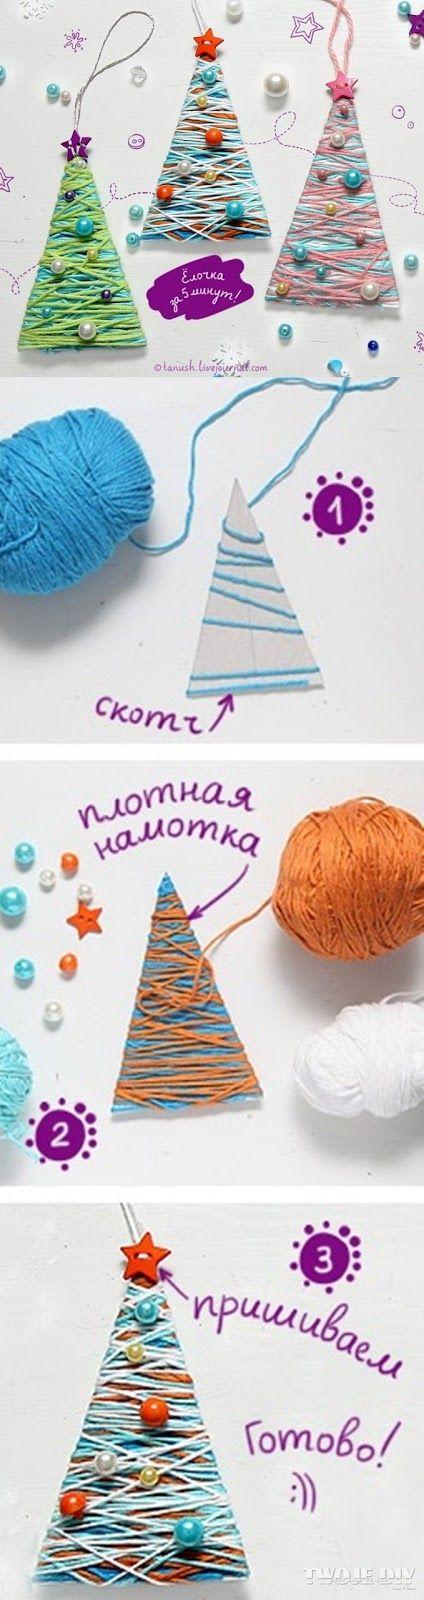 Passo a passo em foto de uma árvore feita com cartolina e linhas coloridas para enfeites decorativos de natal;     Visite einscrev...